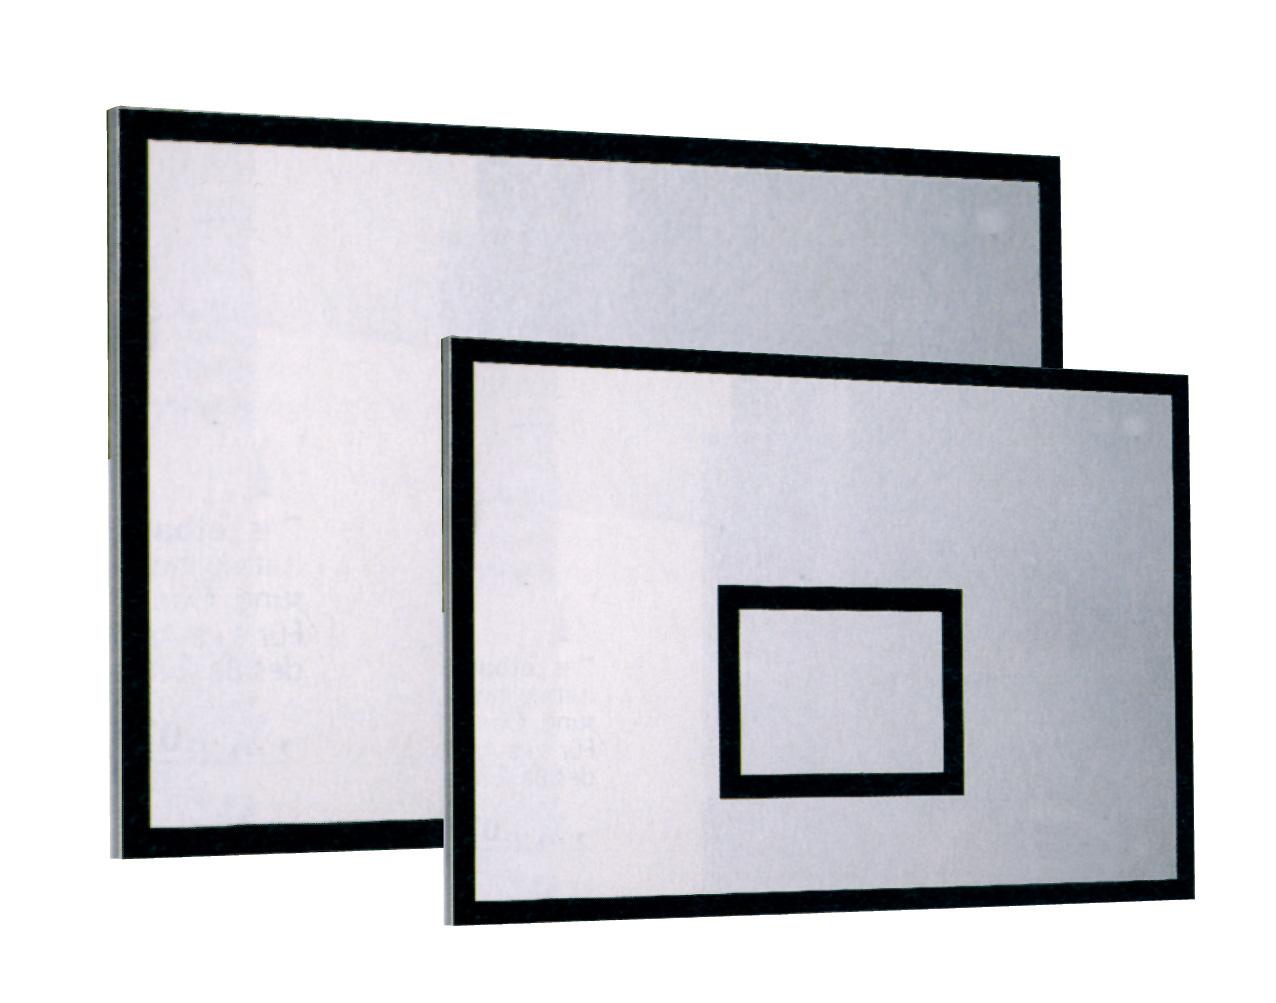 bc0900-52(3).jpg